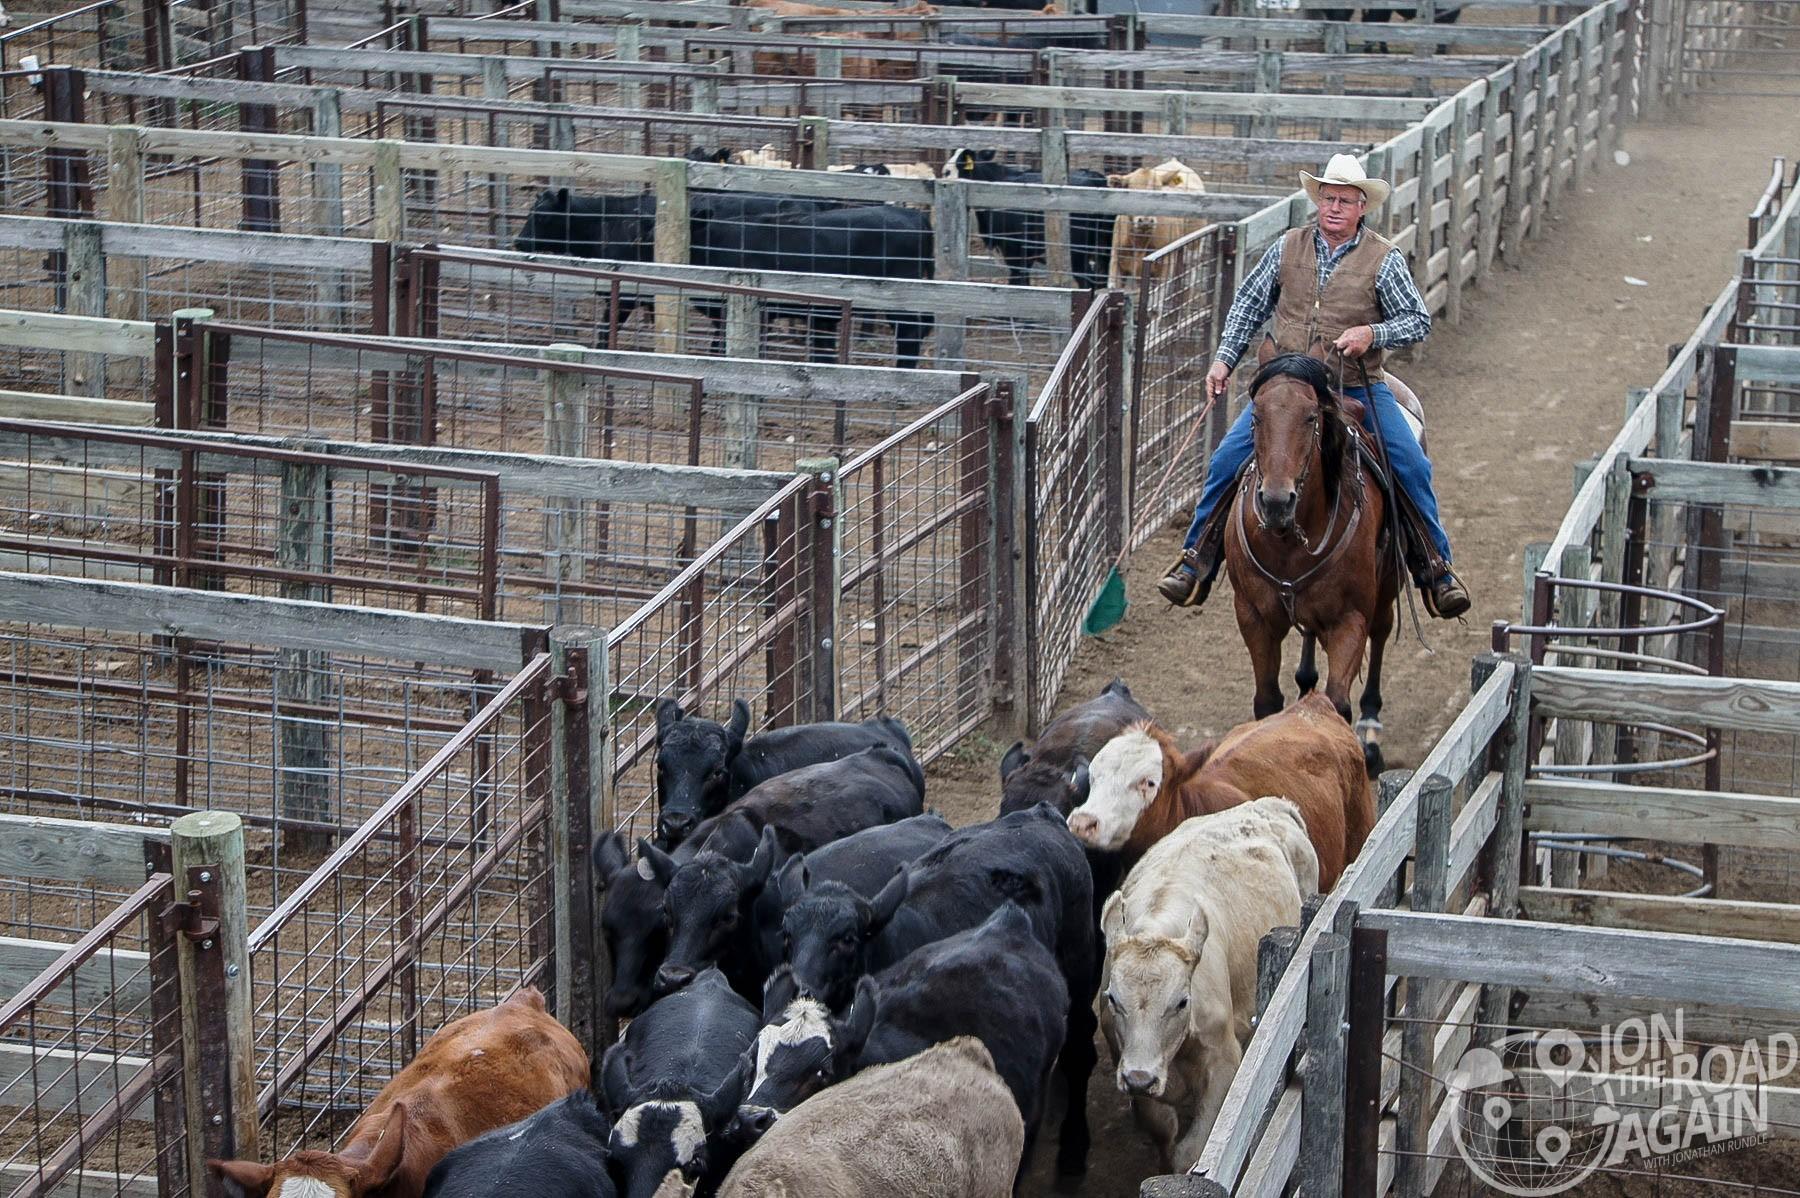 Oklahoma National Stockyards